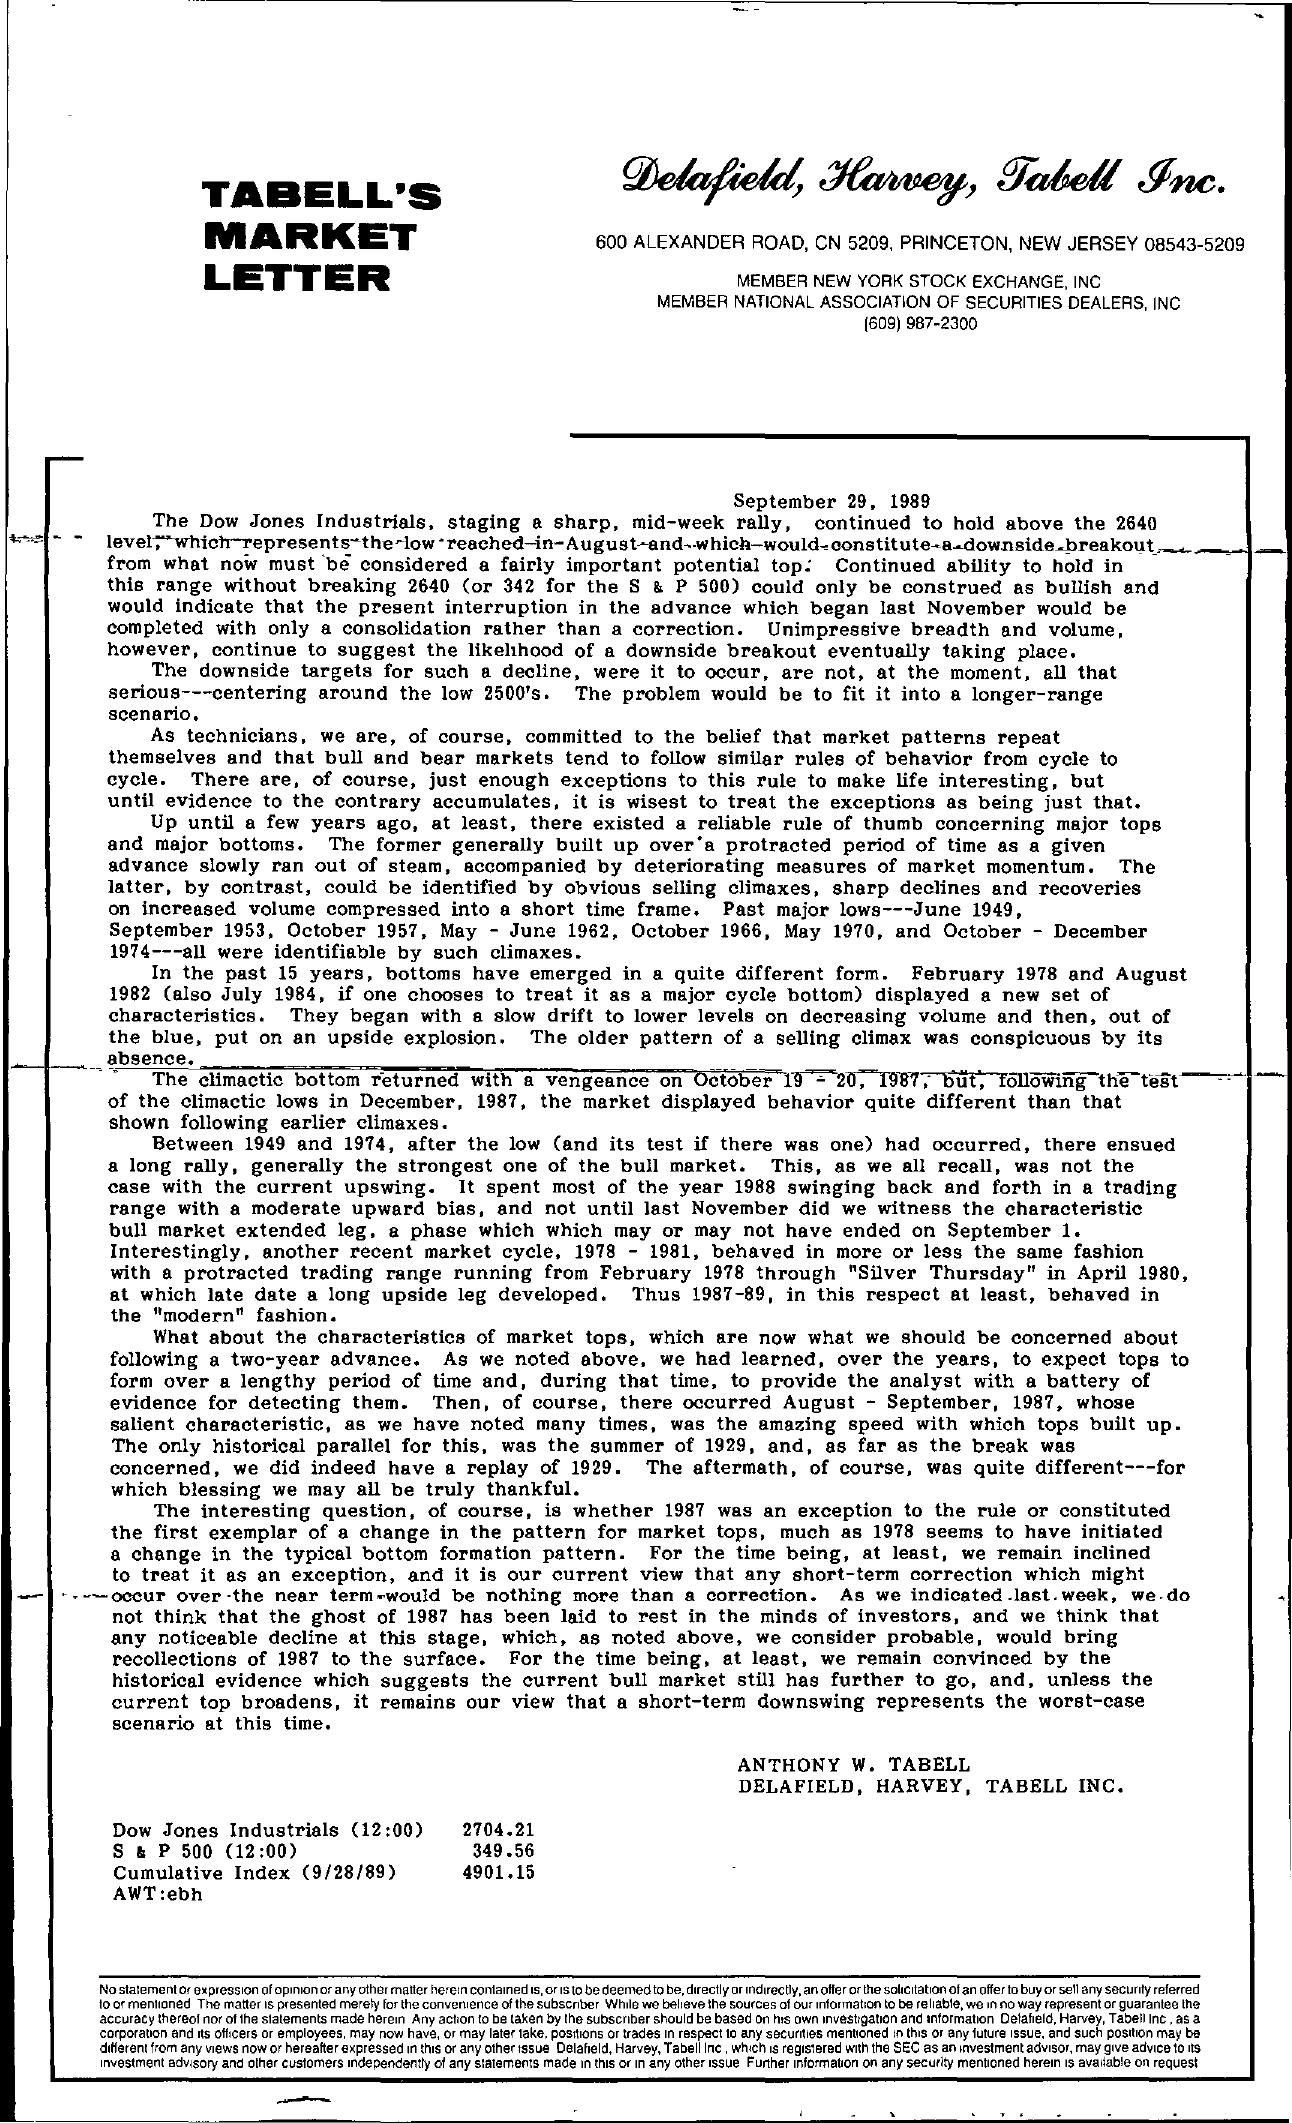 Tabell's Market Letter - September 29, 1989